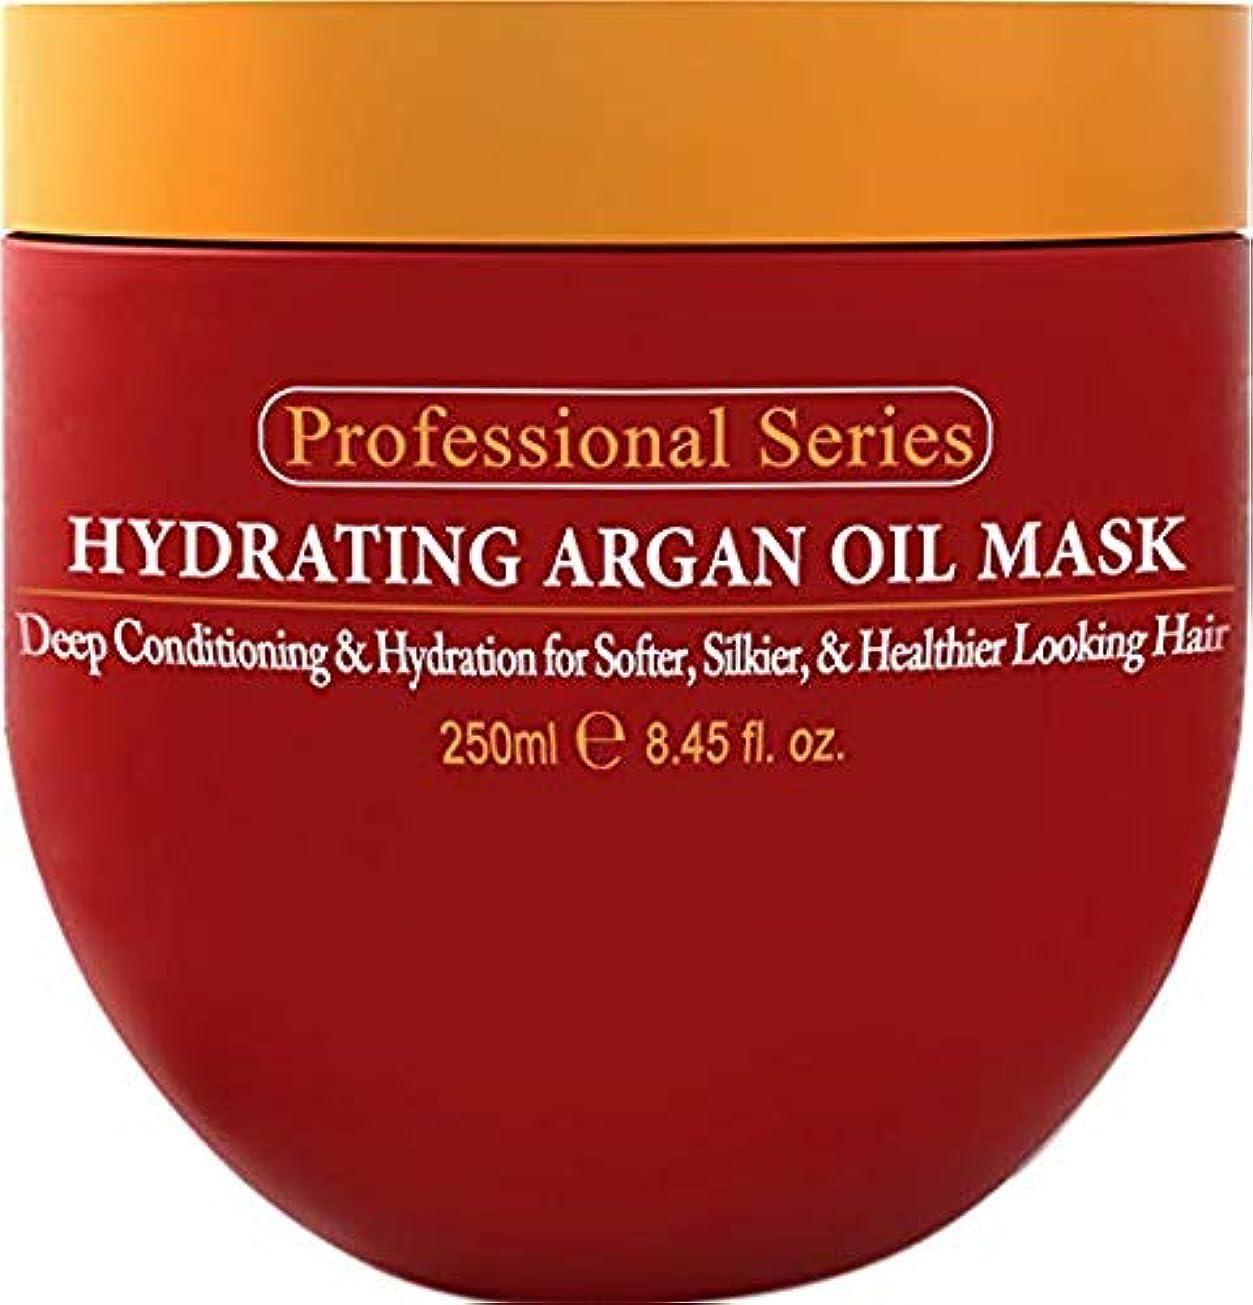 征服する延期する仲良しアルガンオイルヘアマスク Hydrating Argan Oil Hair Mask and Deep Conditioner 8.45 Oz 250ml 海外直送品 [並行輸入品]